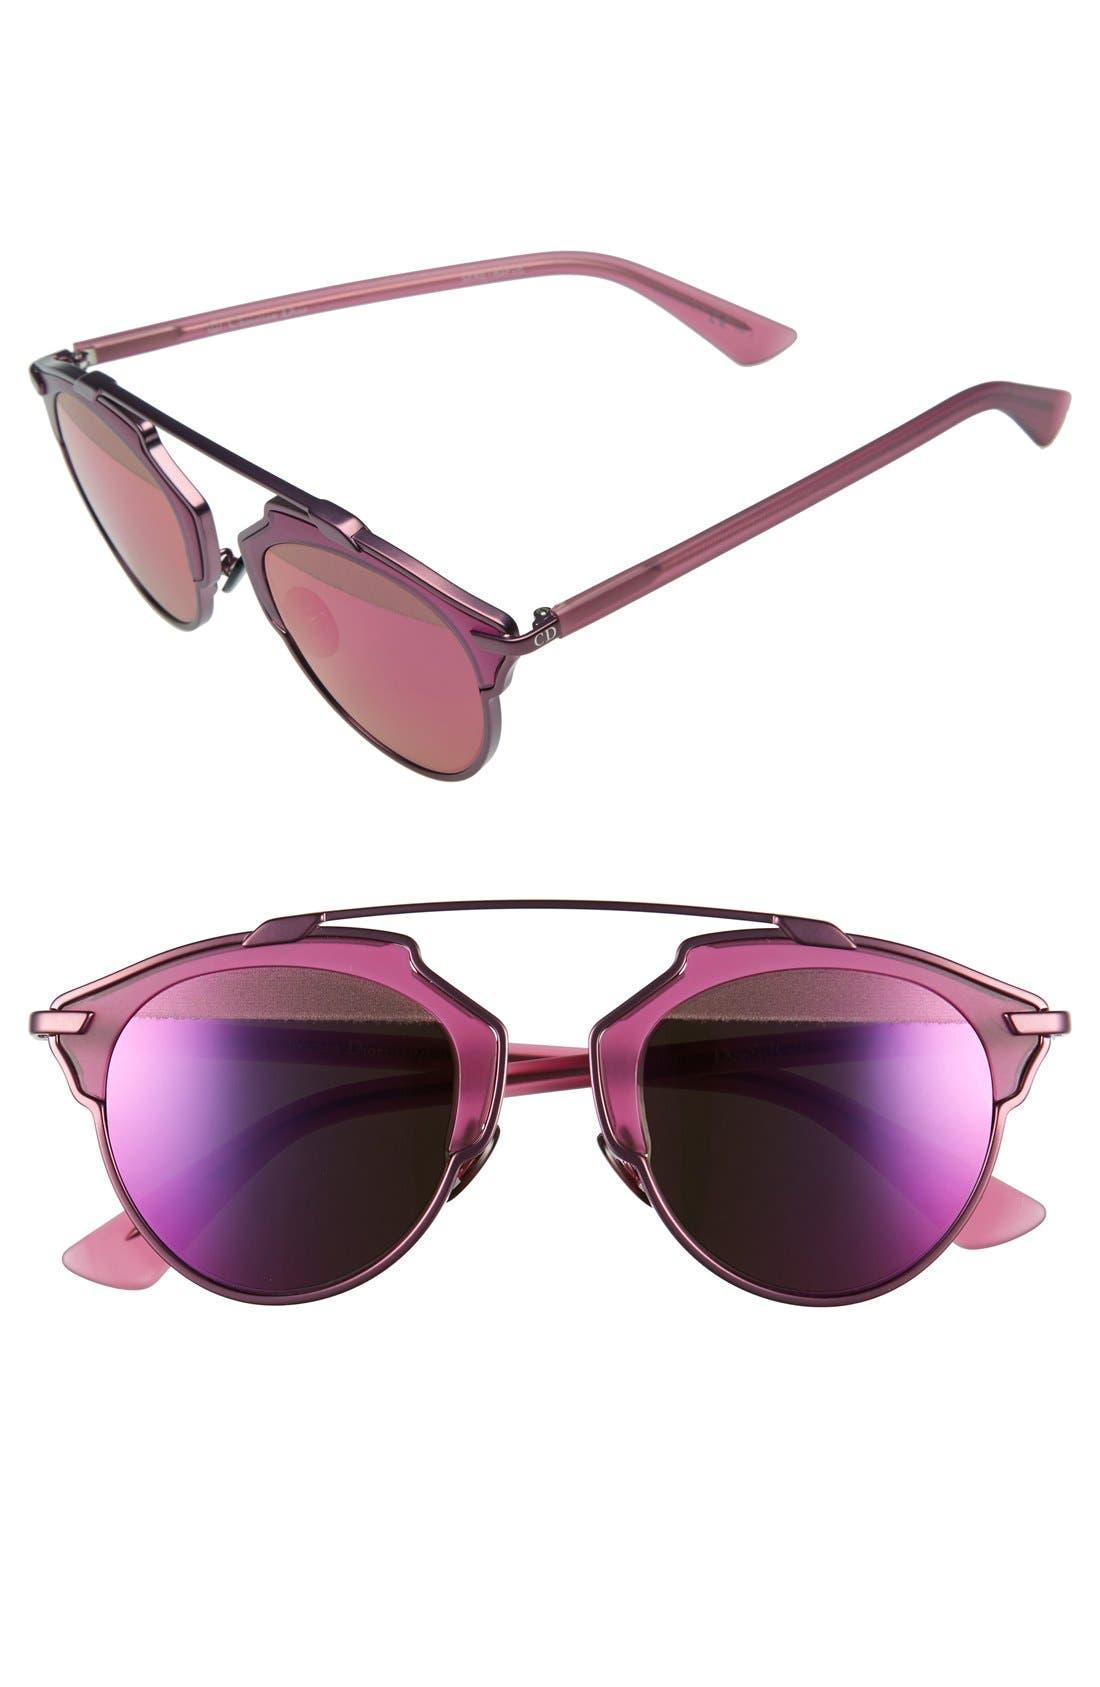 So Real 48mm Brow Bar Sunglasses,                             Main thumbnail 20, color,